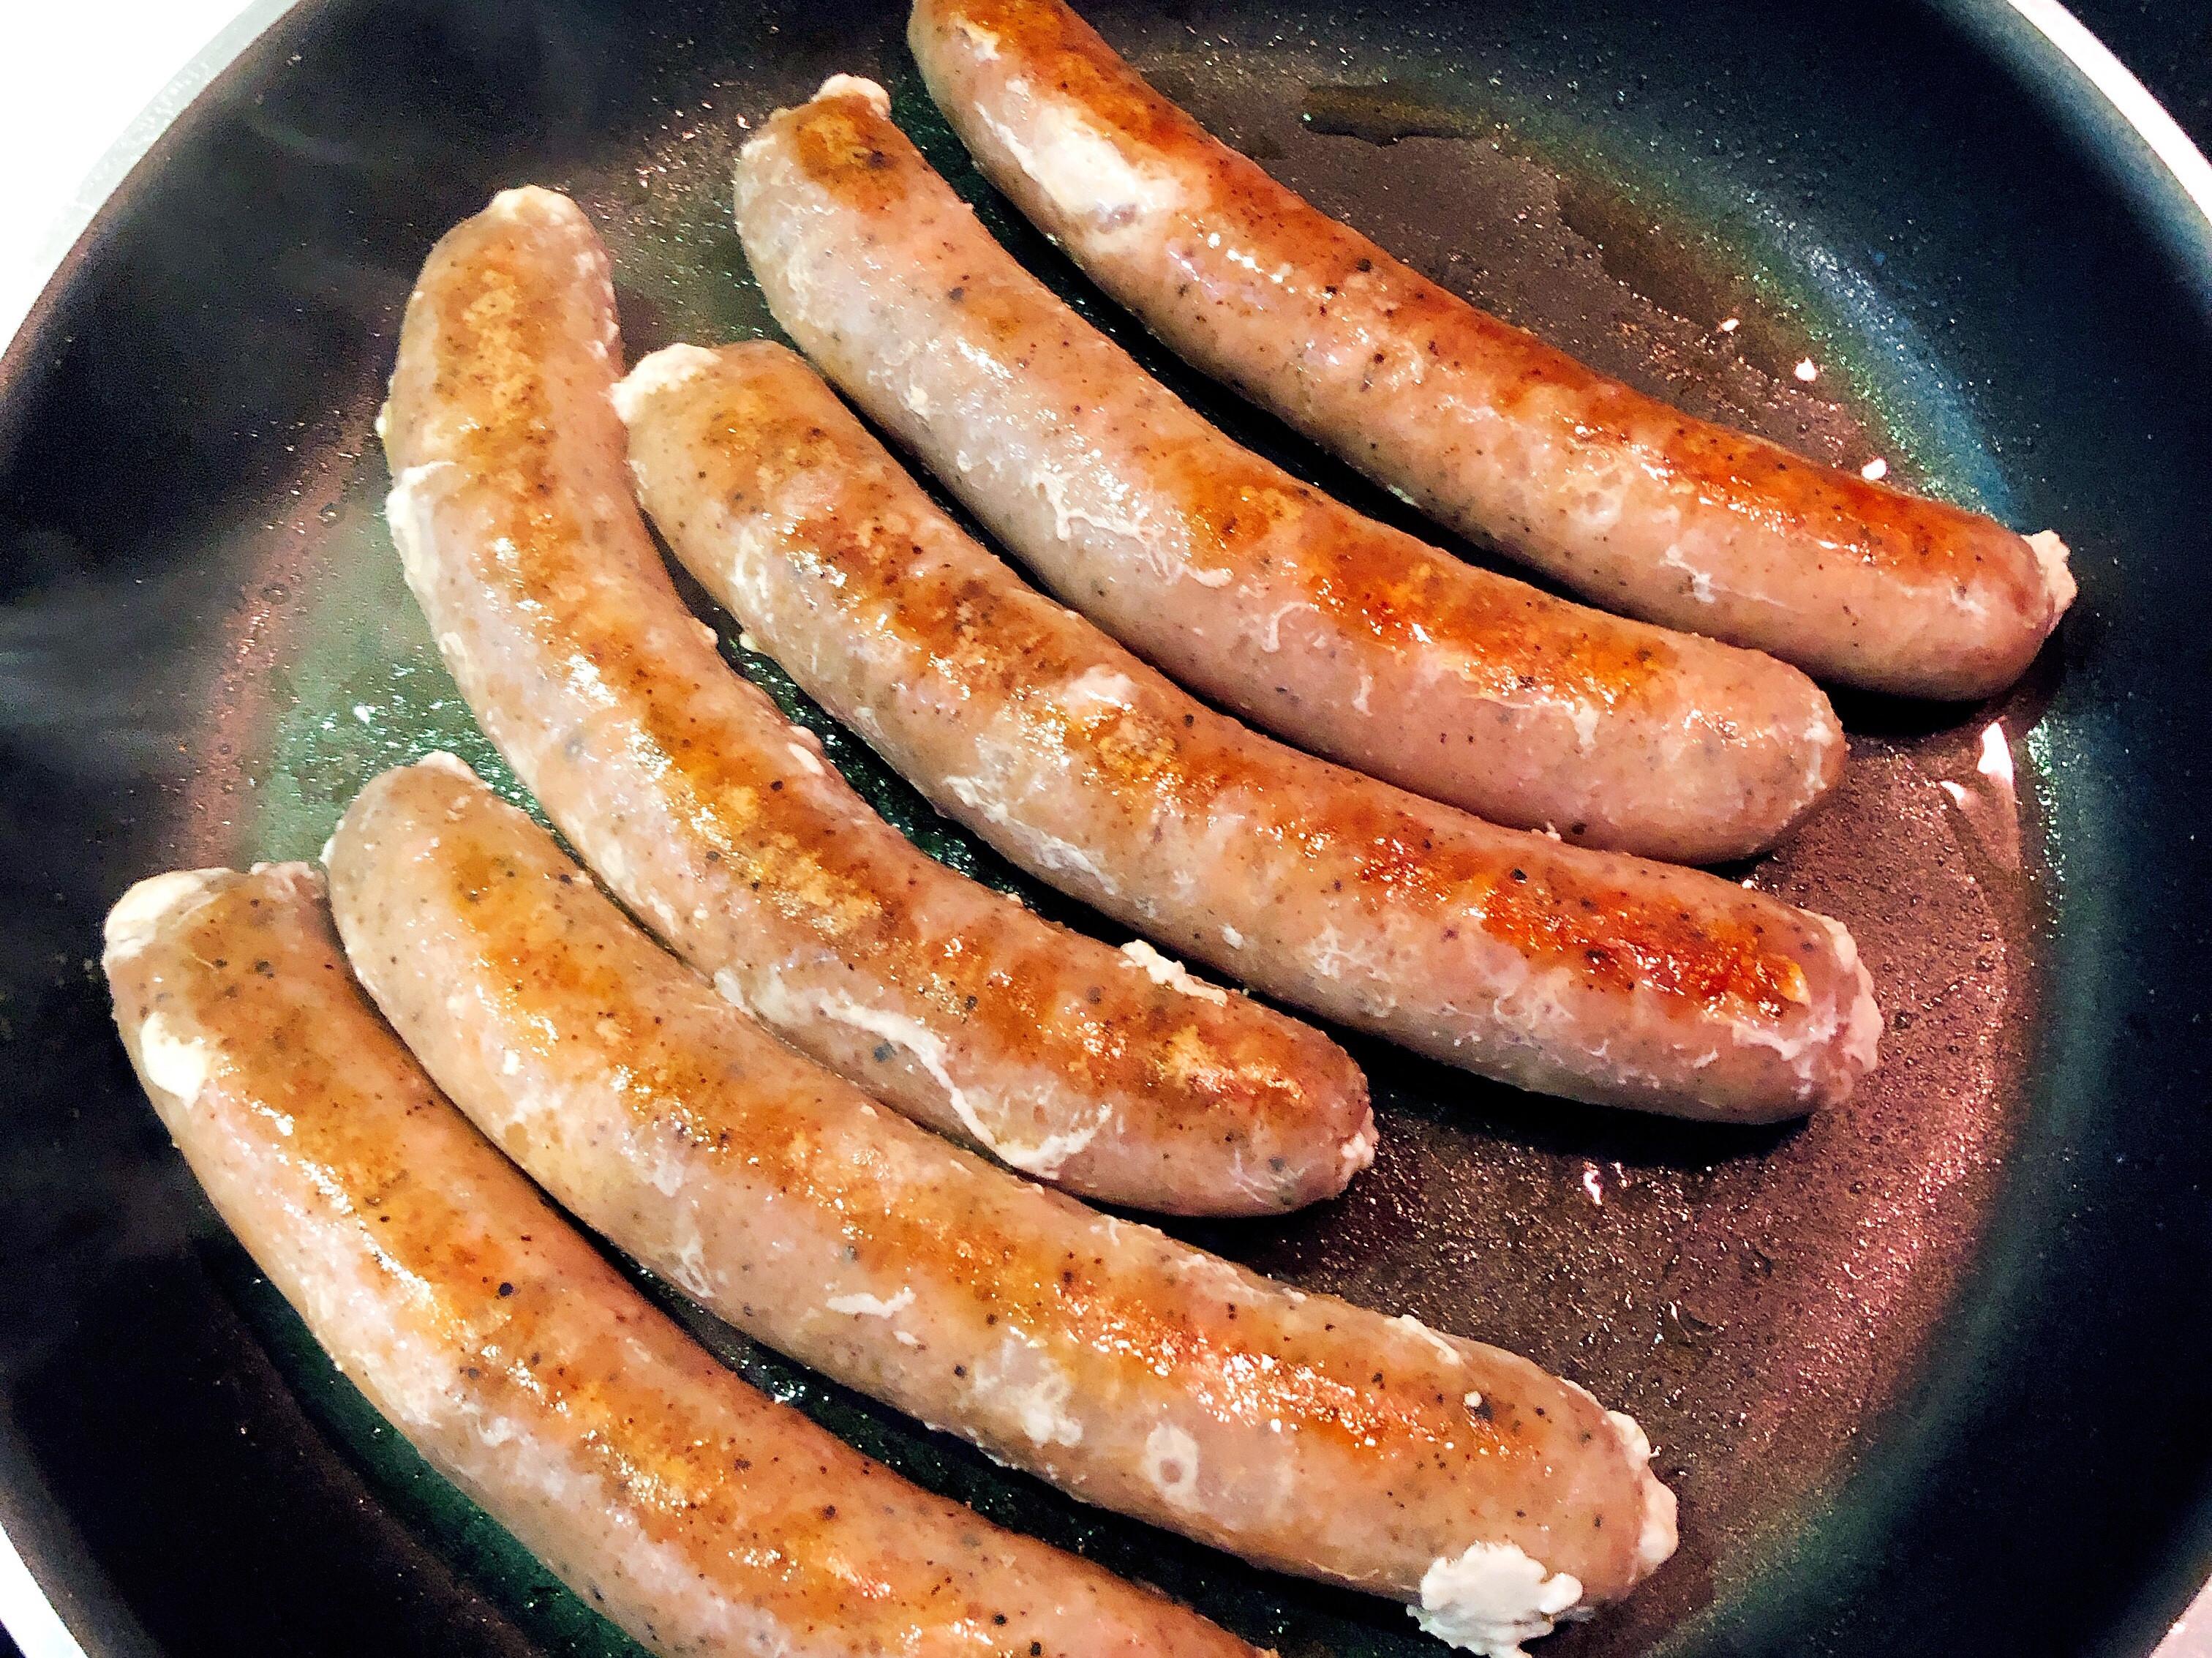 義式香腸-20分鐘不油膩上桌